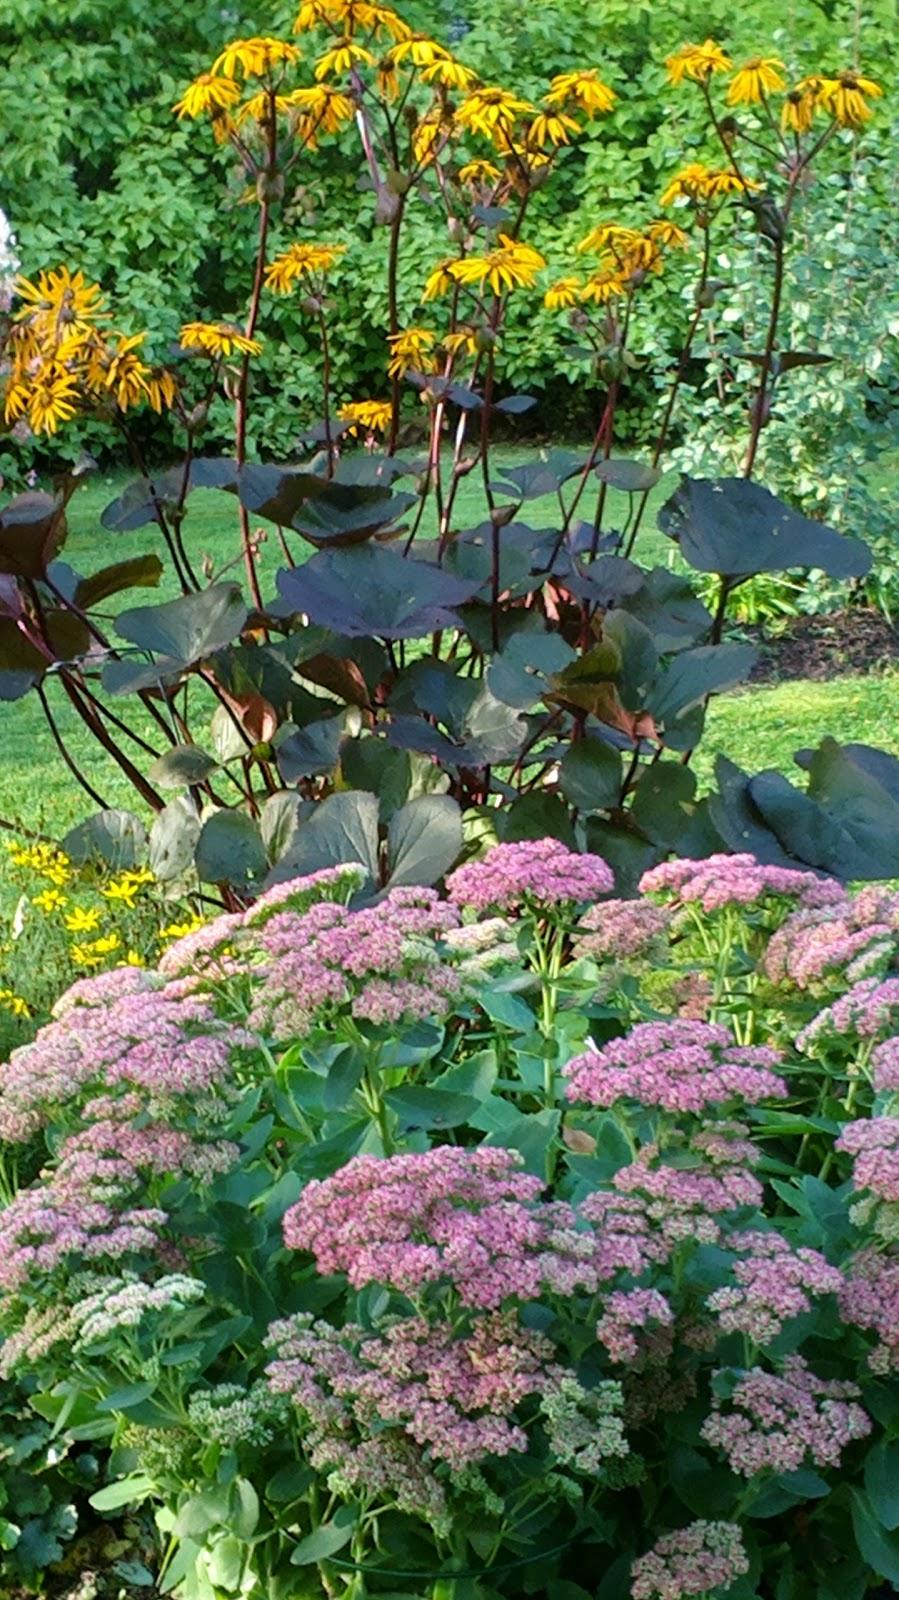 Pitkästä aikaa puutarhatöissä – Gardening after a long time